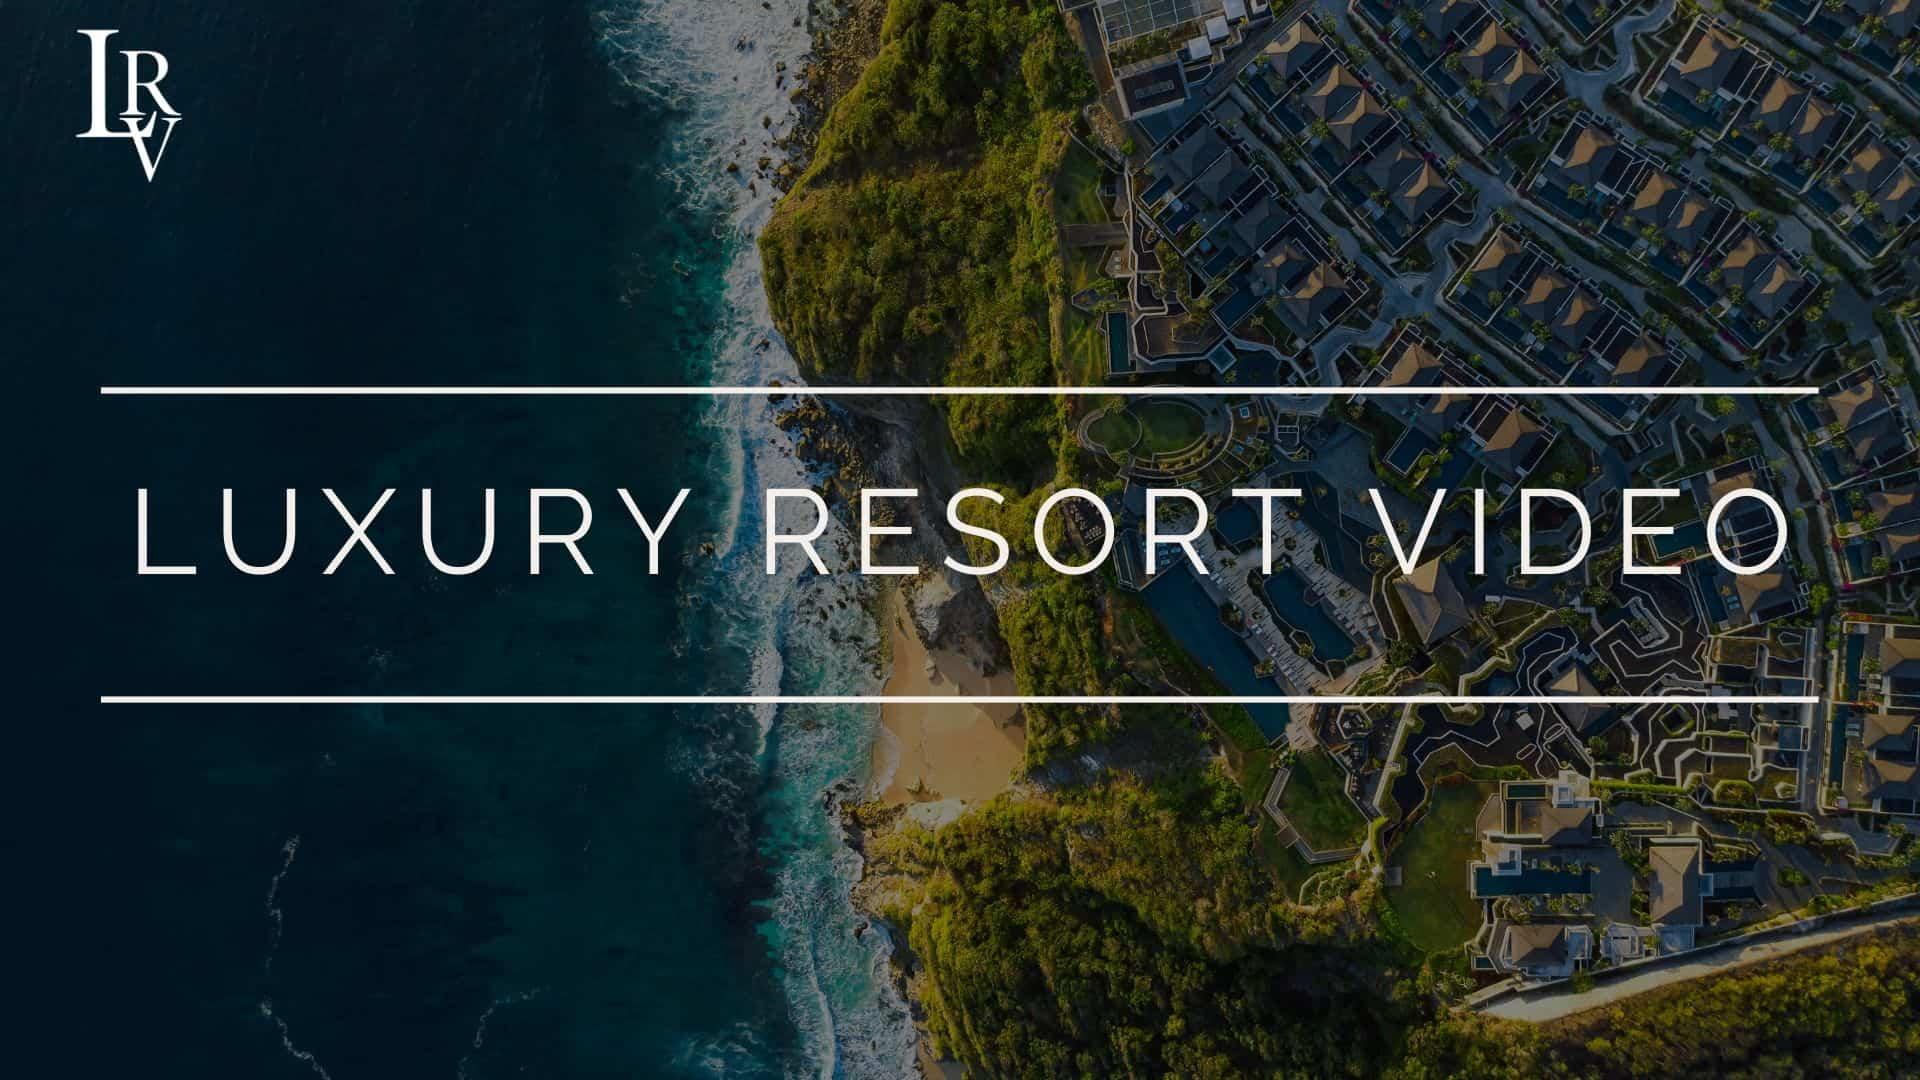 luxury-resort-video-video-reel